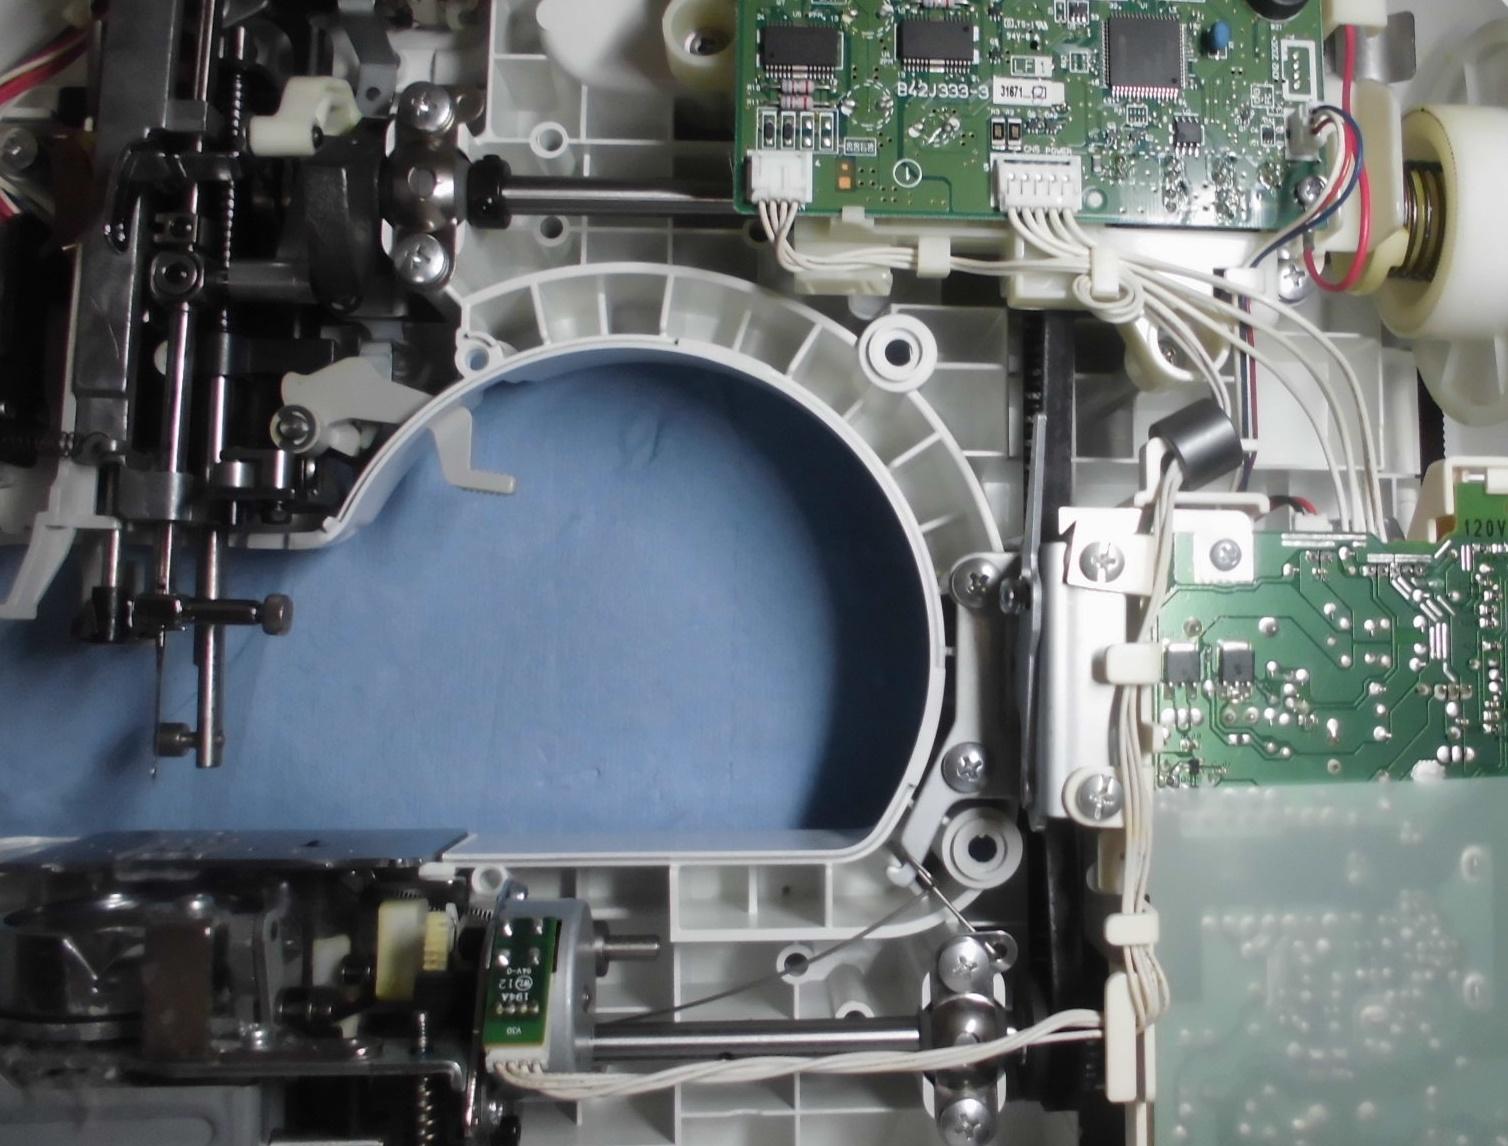 ブラザーミシンHS102の分解オーバーホールメンテナンス|CPS40シリーズ